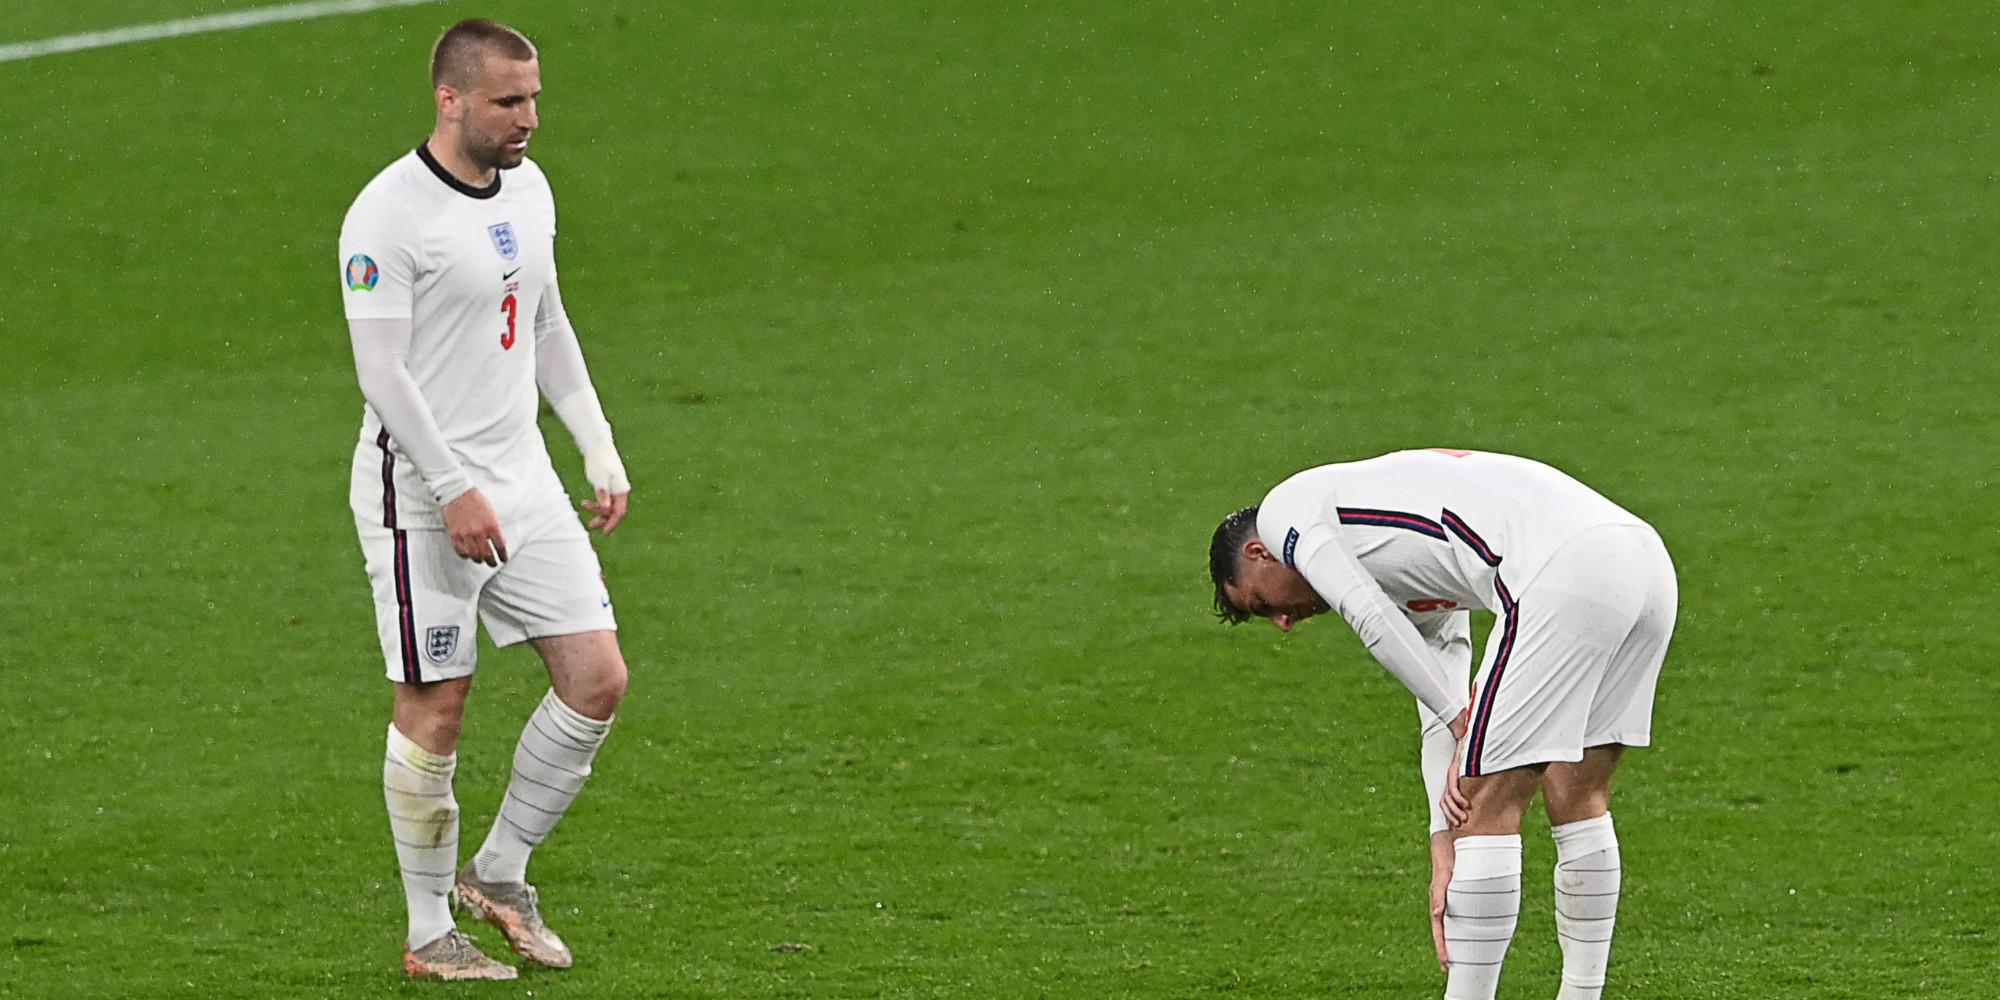 Euro : ce qu'il faut retenir du match nul entre l'Angleterre et l'Ecosse